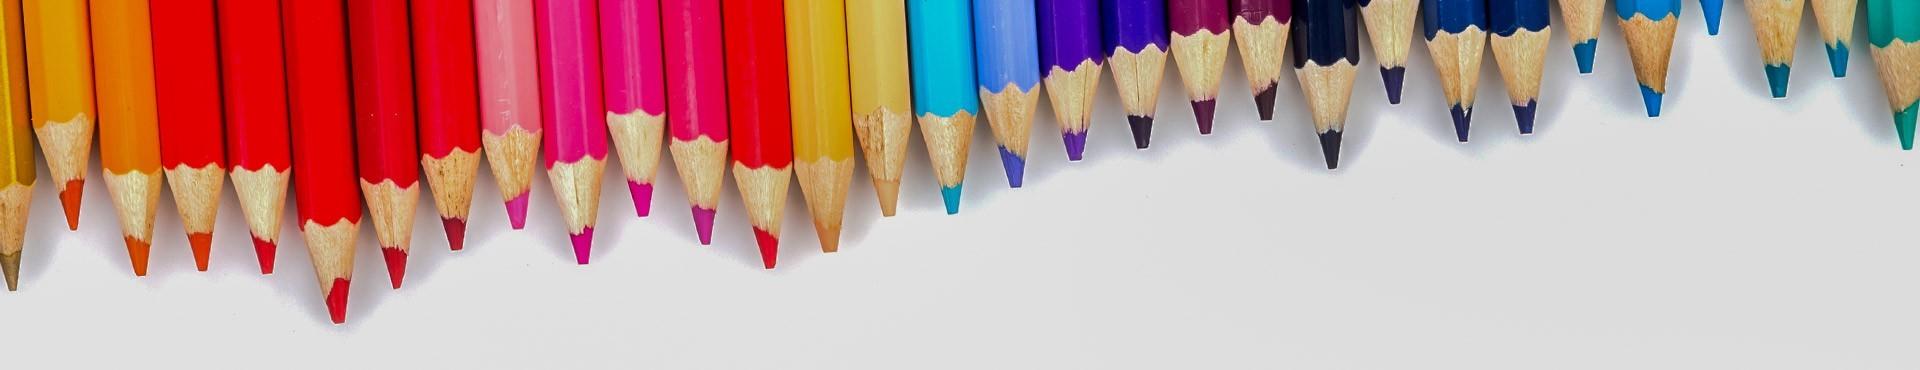 Cajas de Lápices de Colores Caran D'Ache